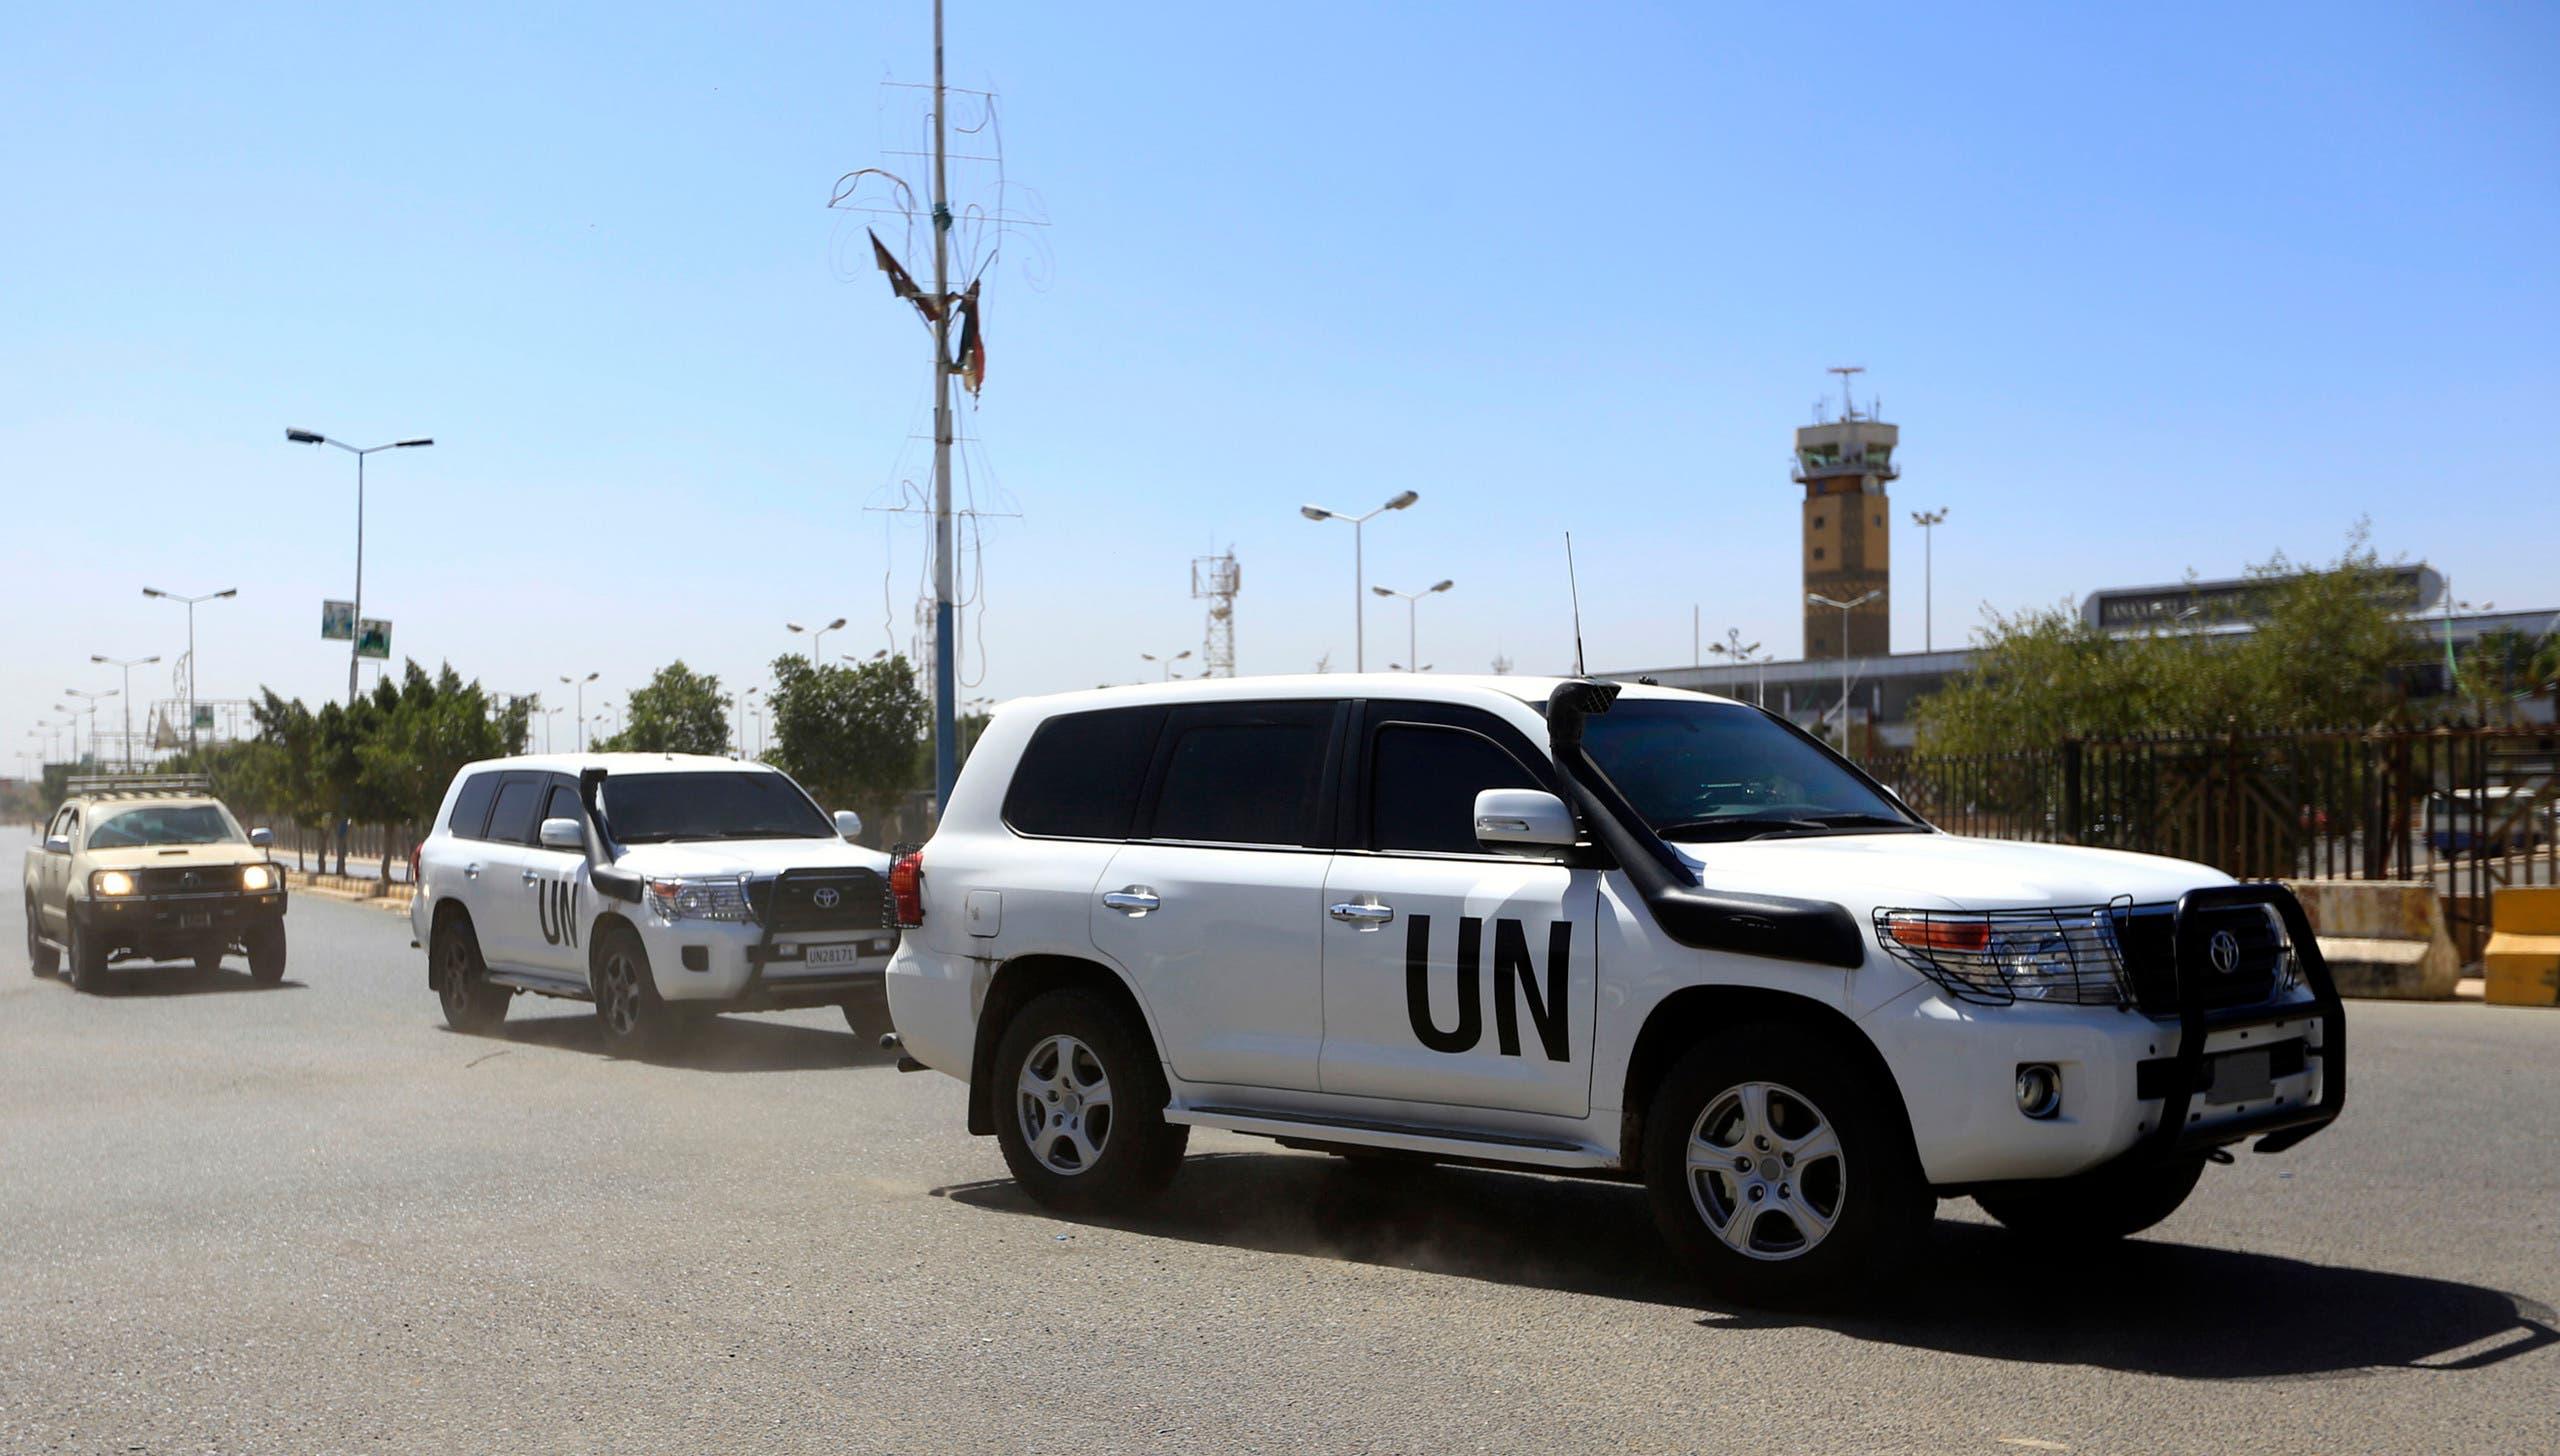 سيارة للأمم المتحدة في محيط مطار صنعاء(فرانس برس)